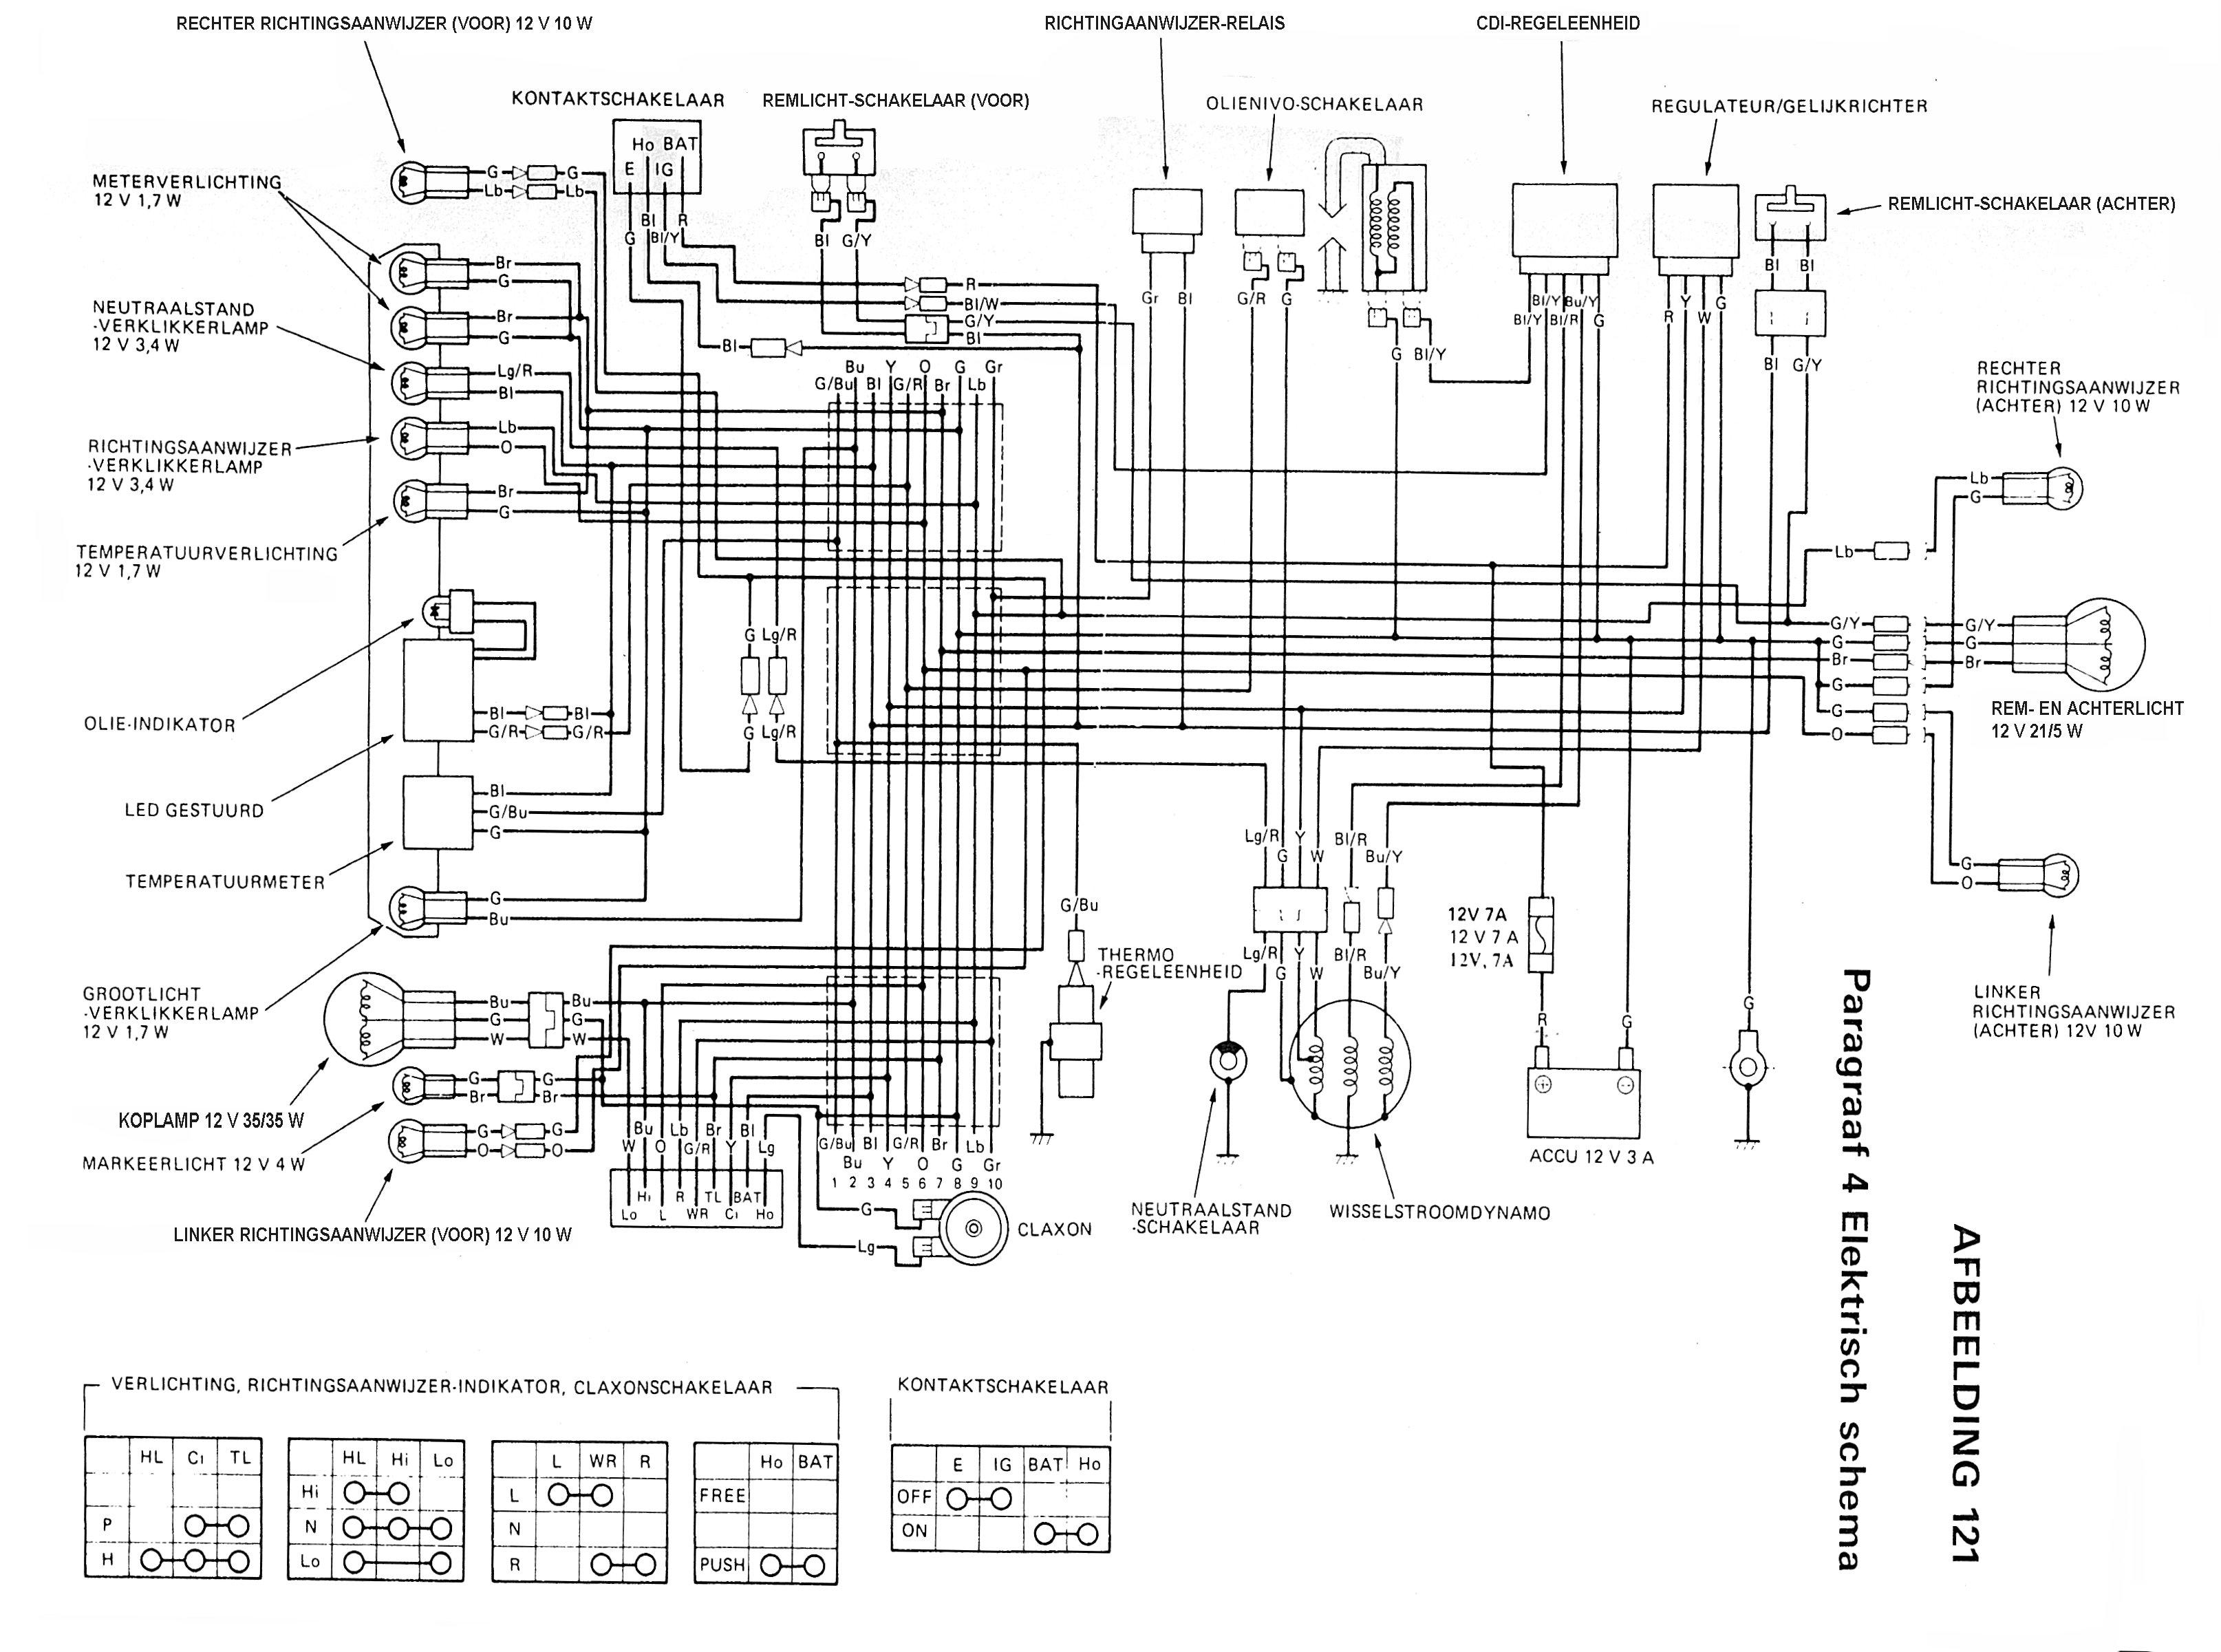 dr bedradingsschema kruisschakeling schema